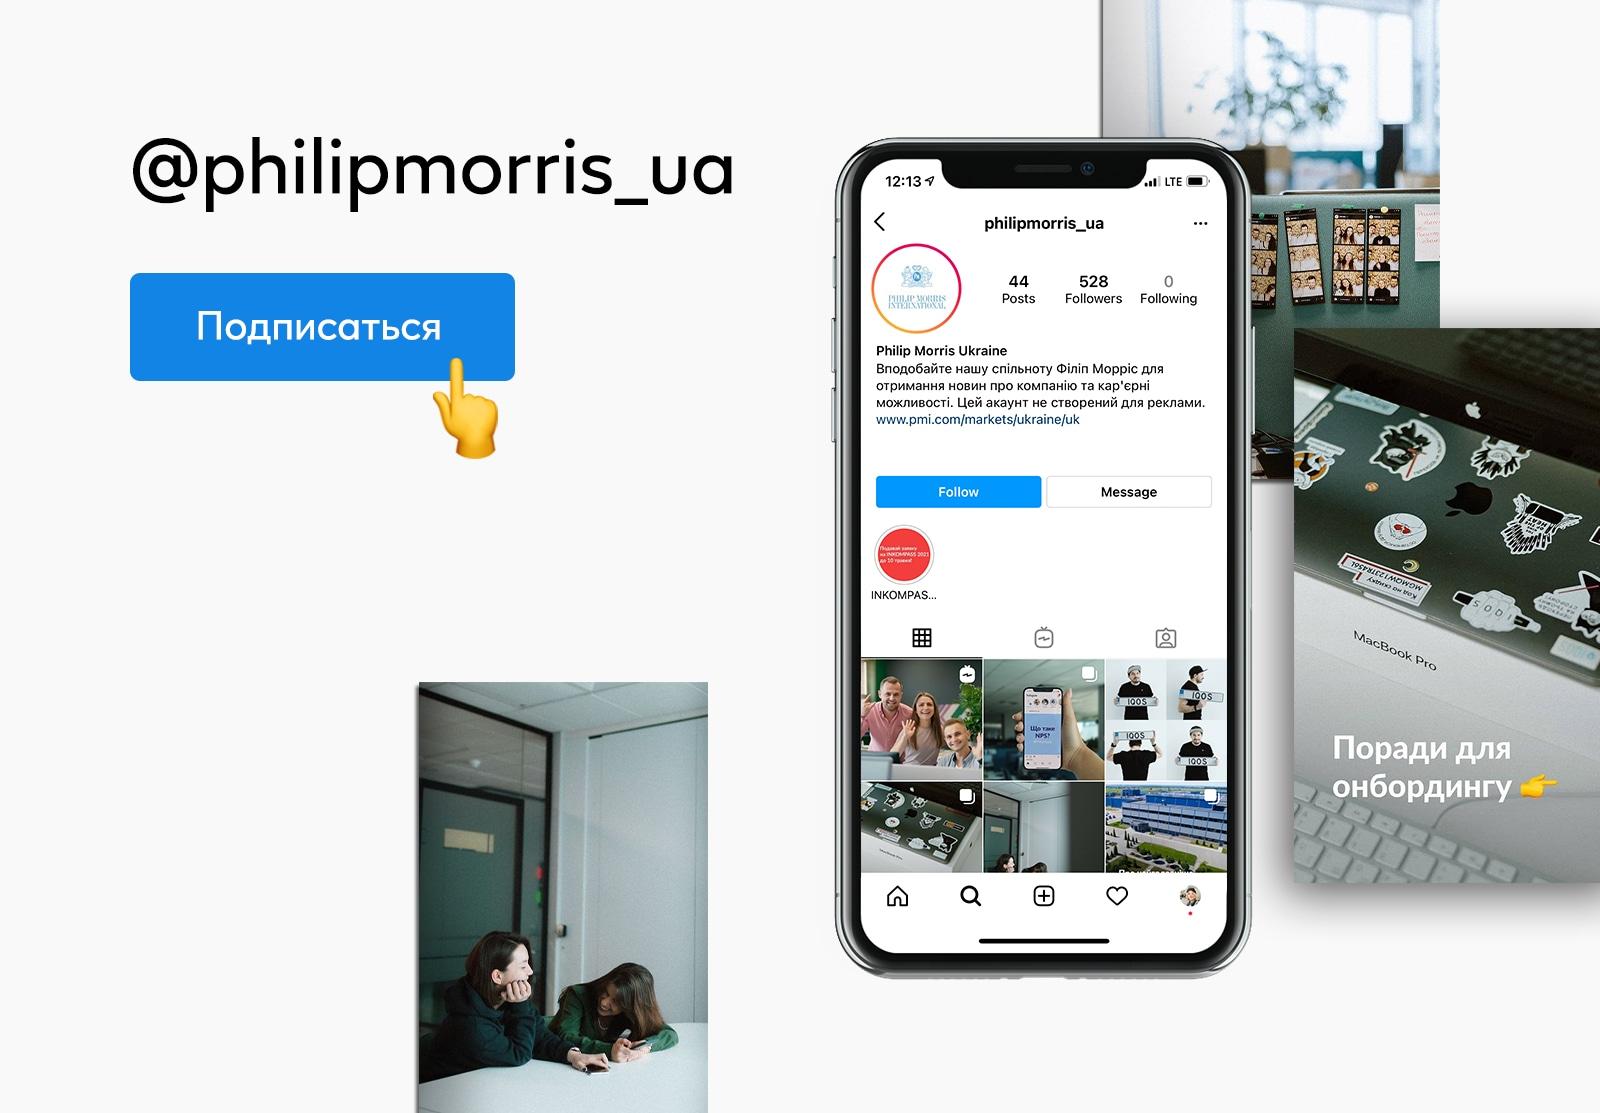 Филип Моррис Украина Instagram